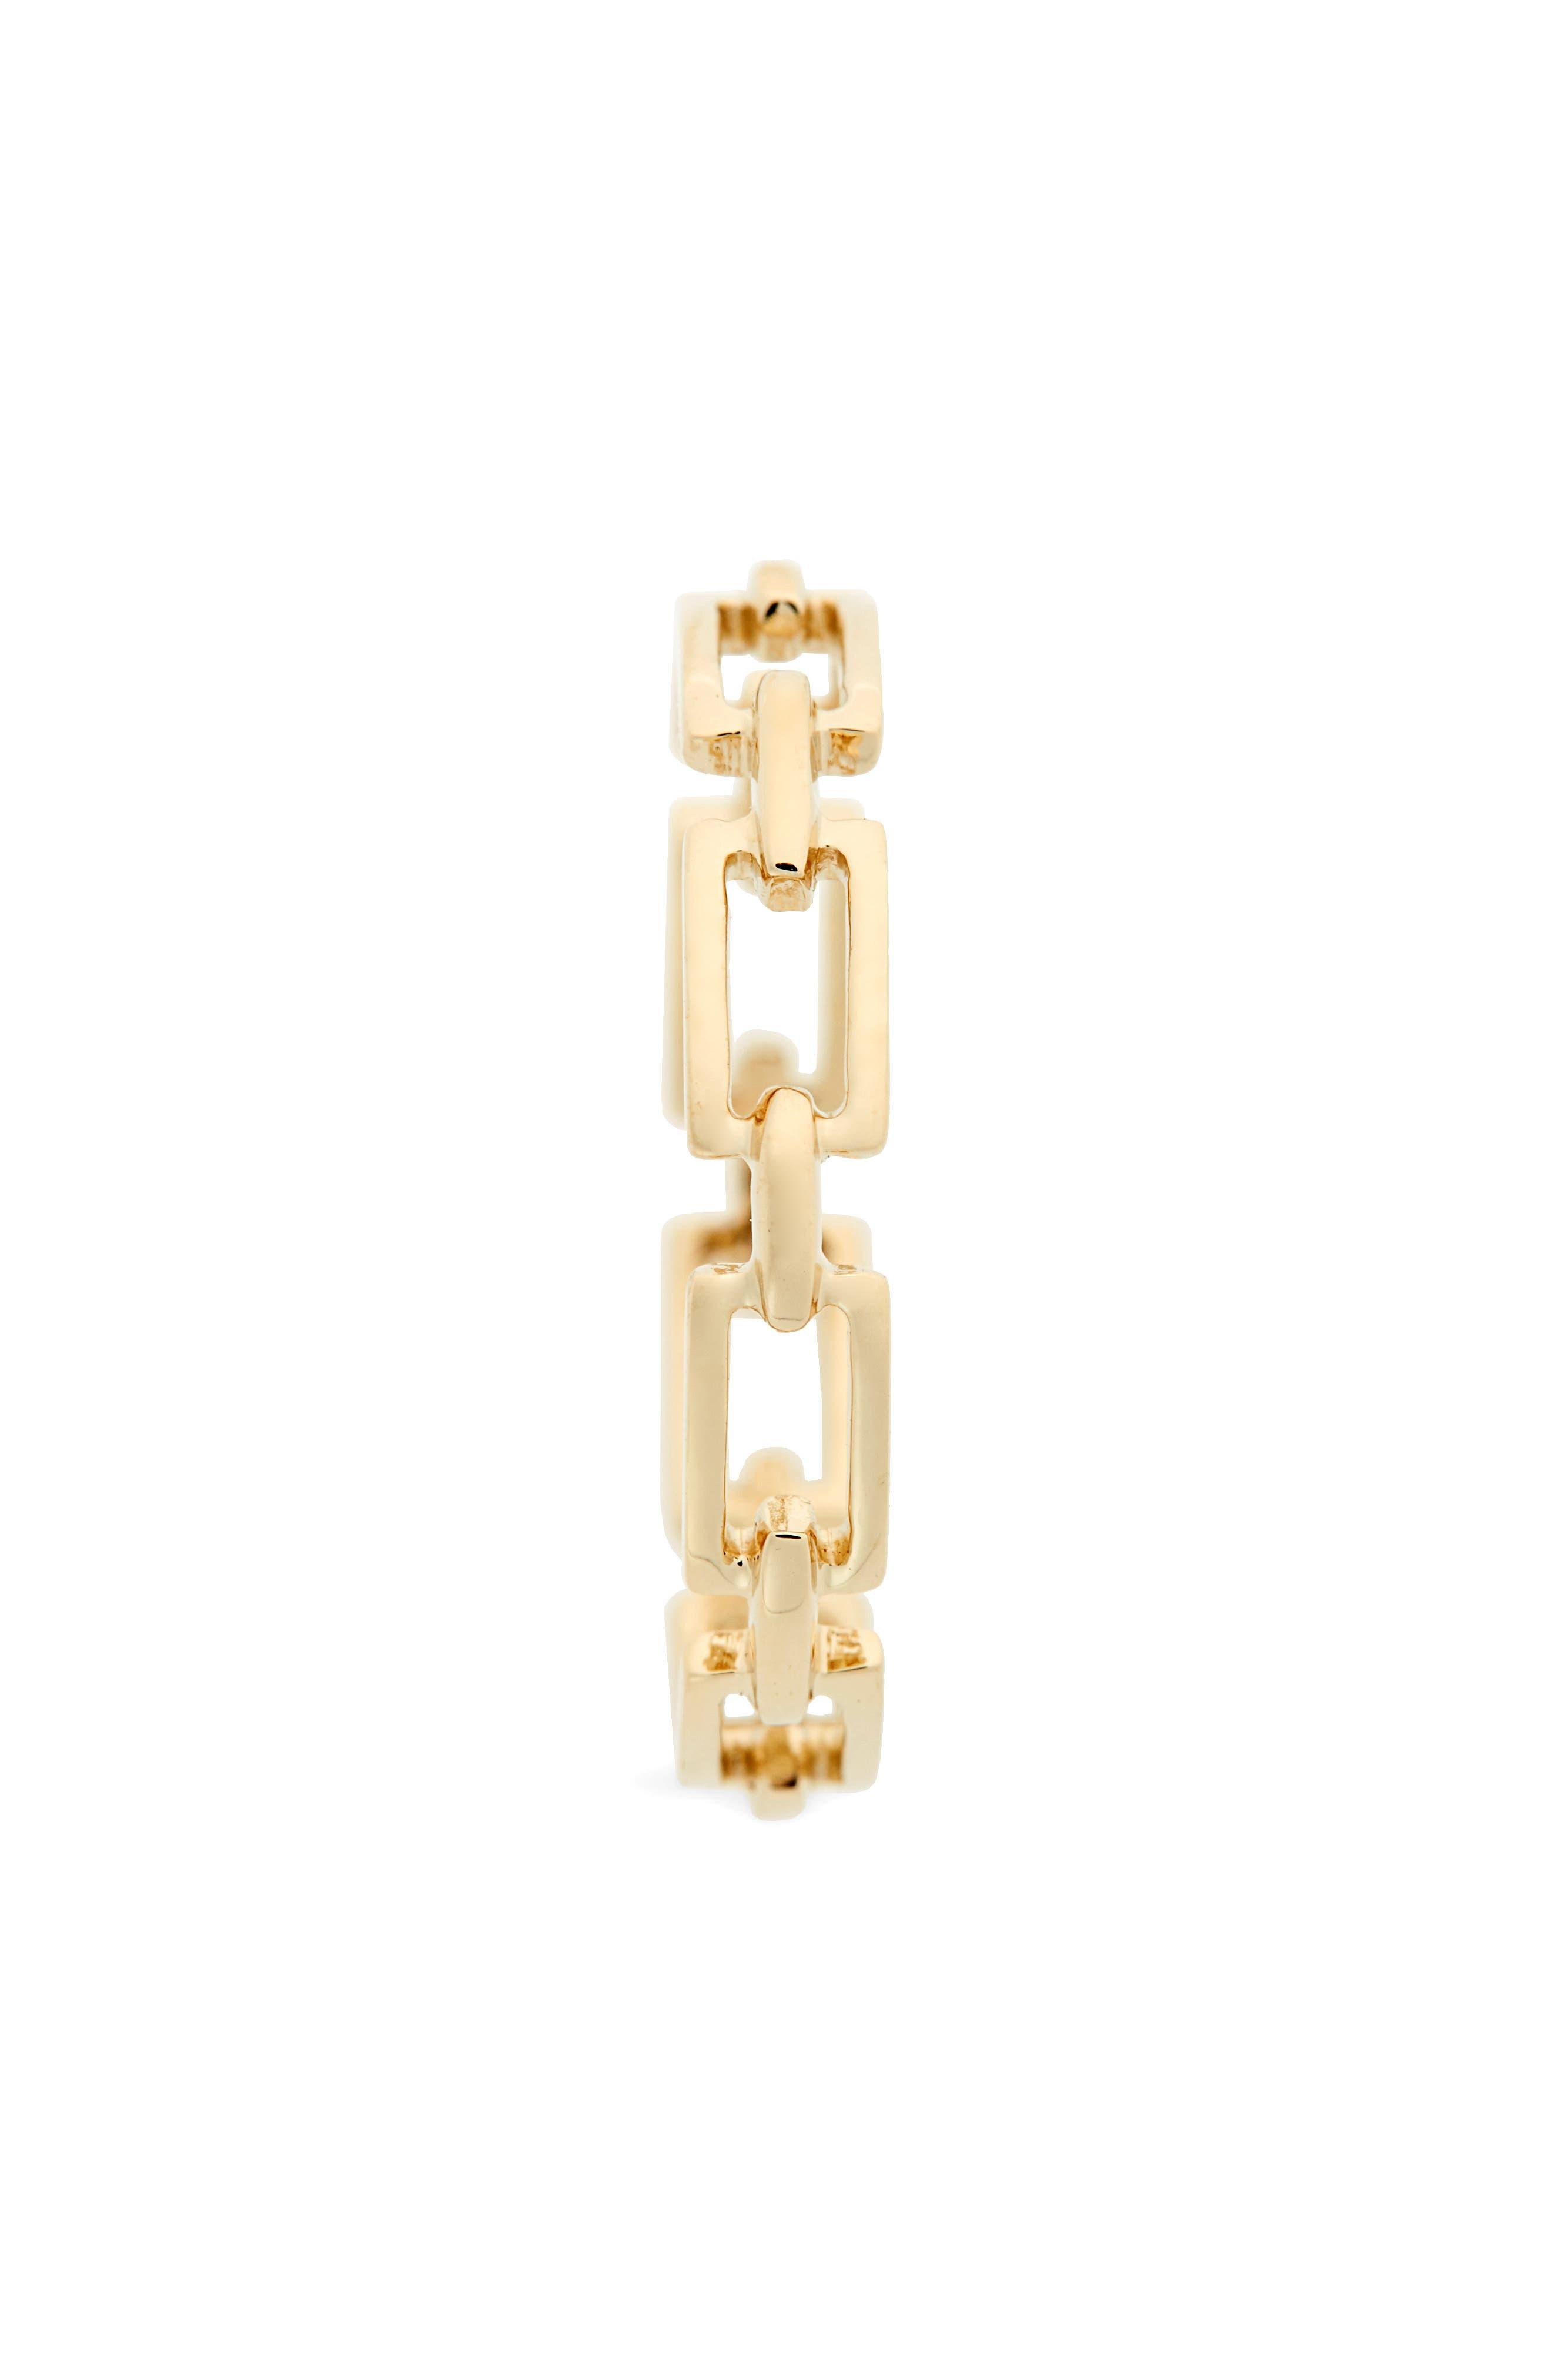 14-Karat Gold Link Stacking Ring,                             Alternate thumbnail 2, color,                             YELLOW GOLD